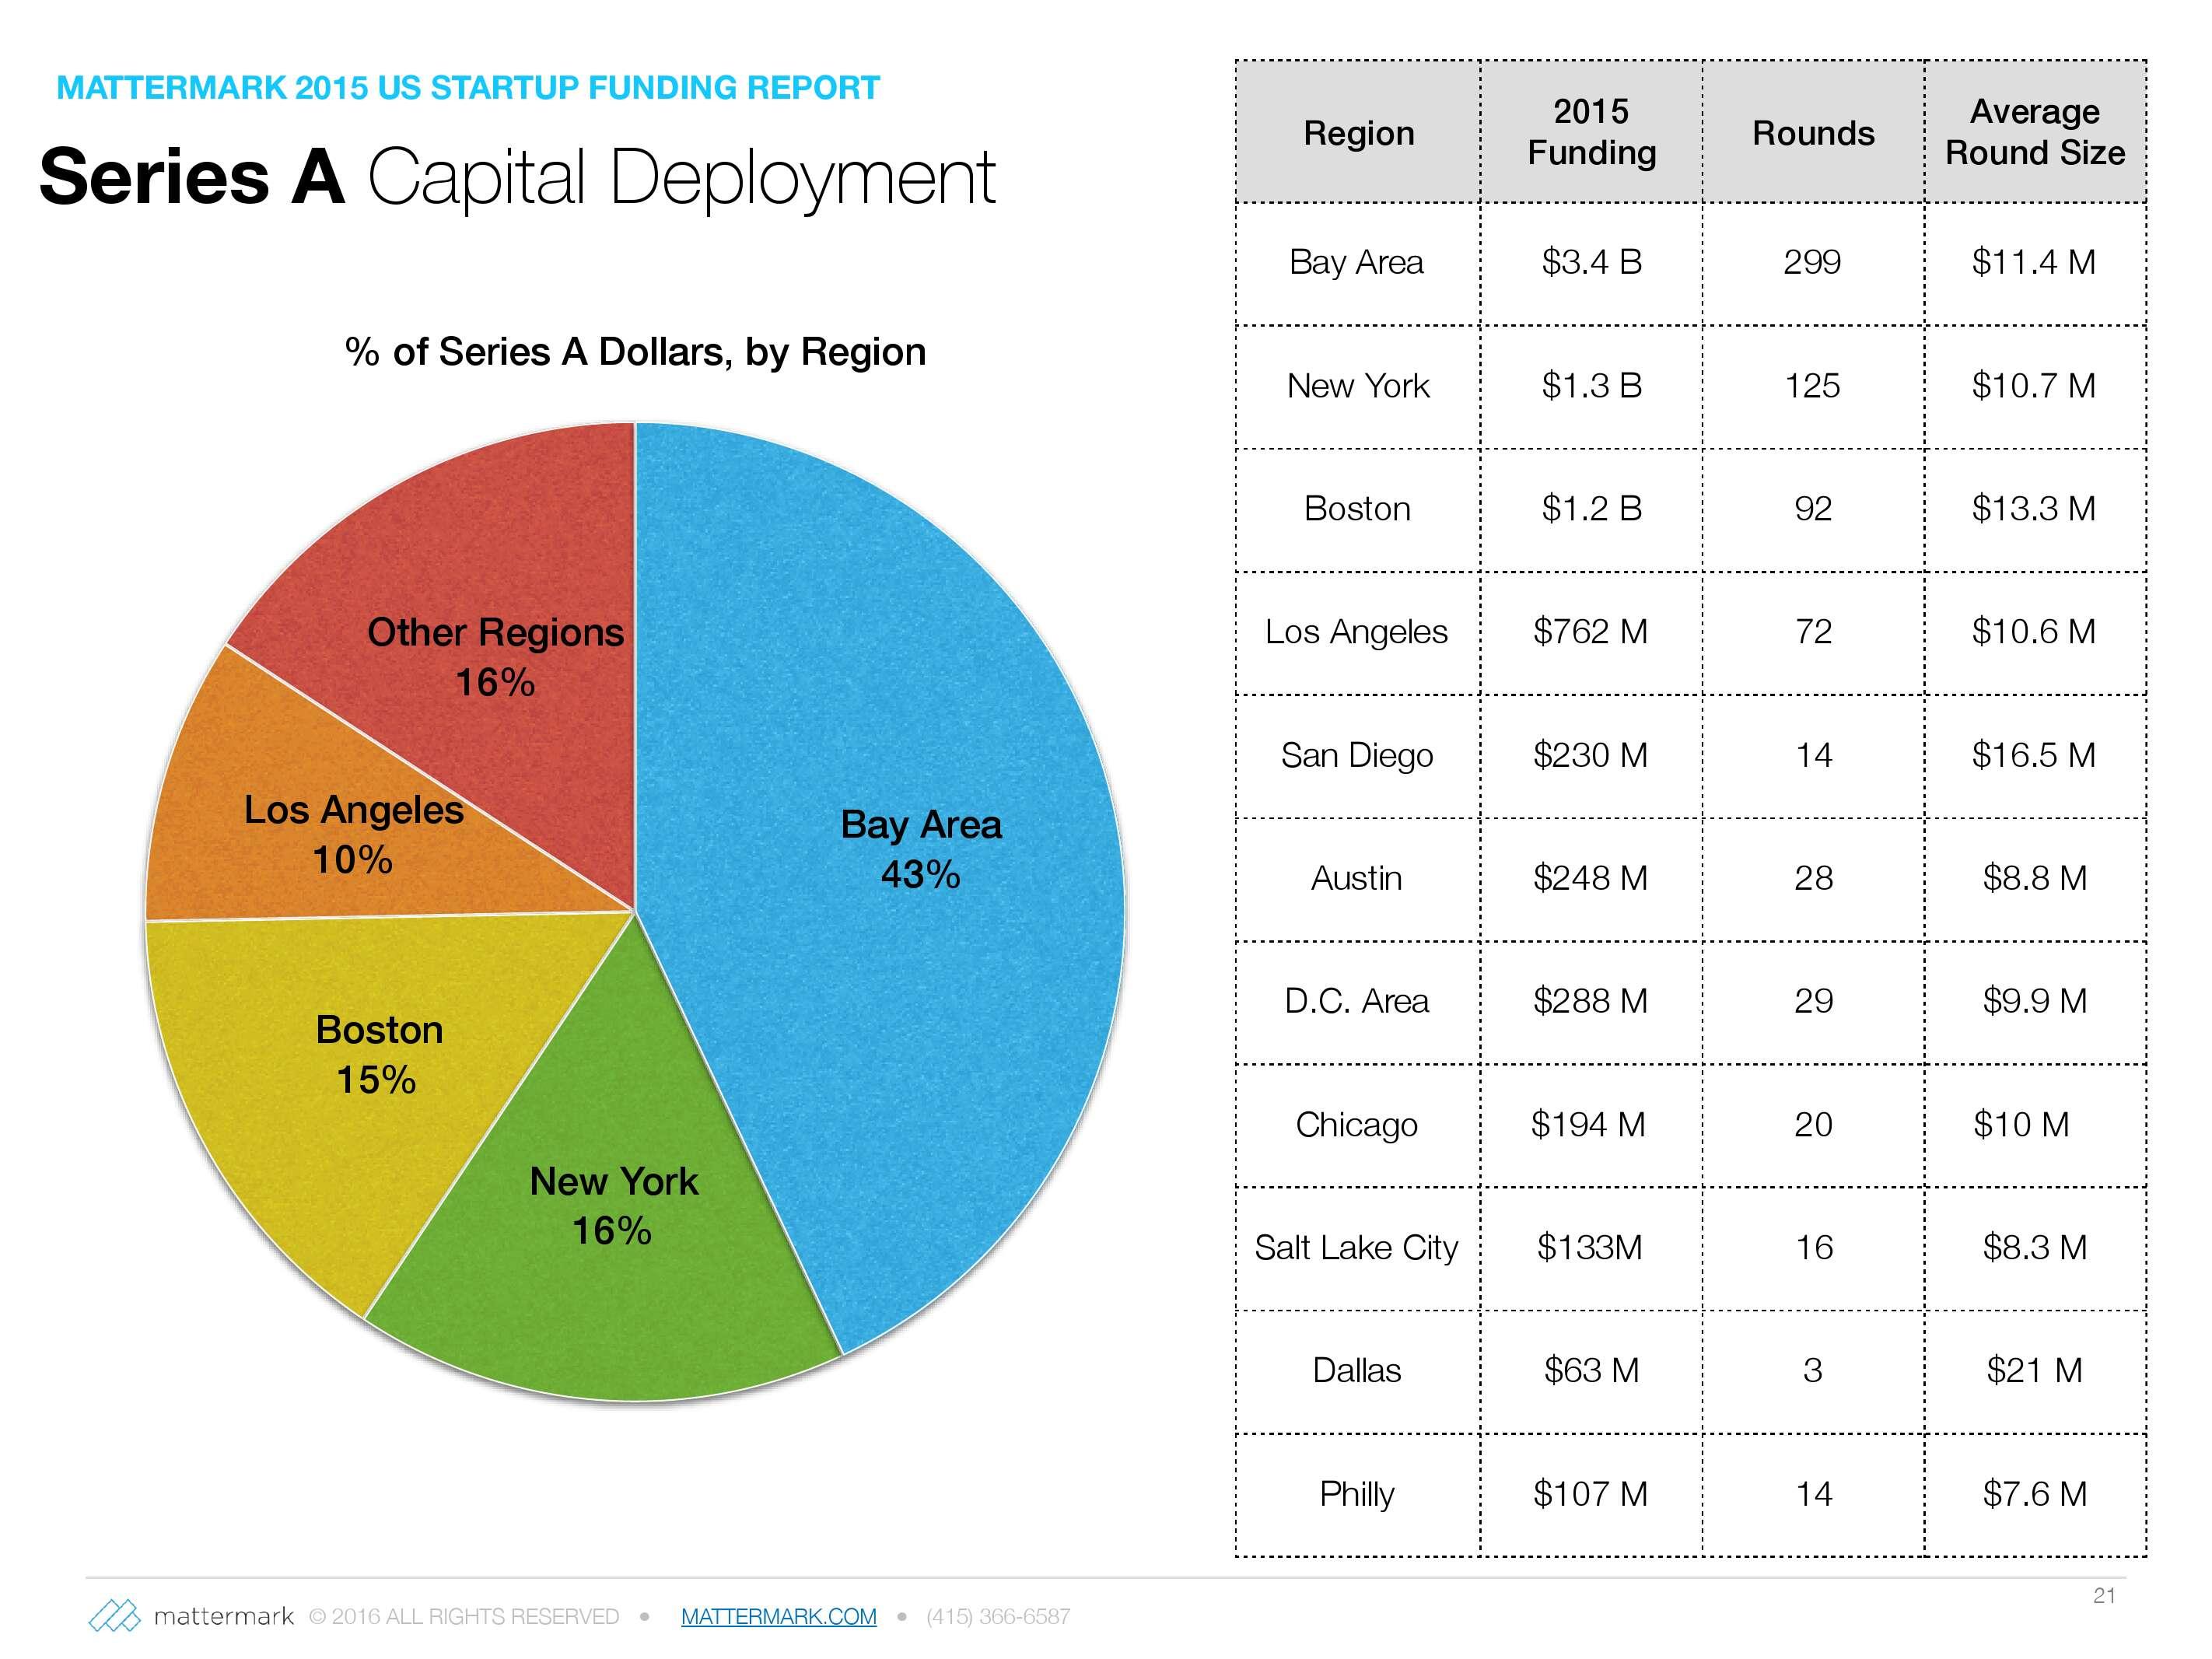 2015年美国创业公司风险投资发展趋势报告_000021